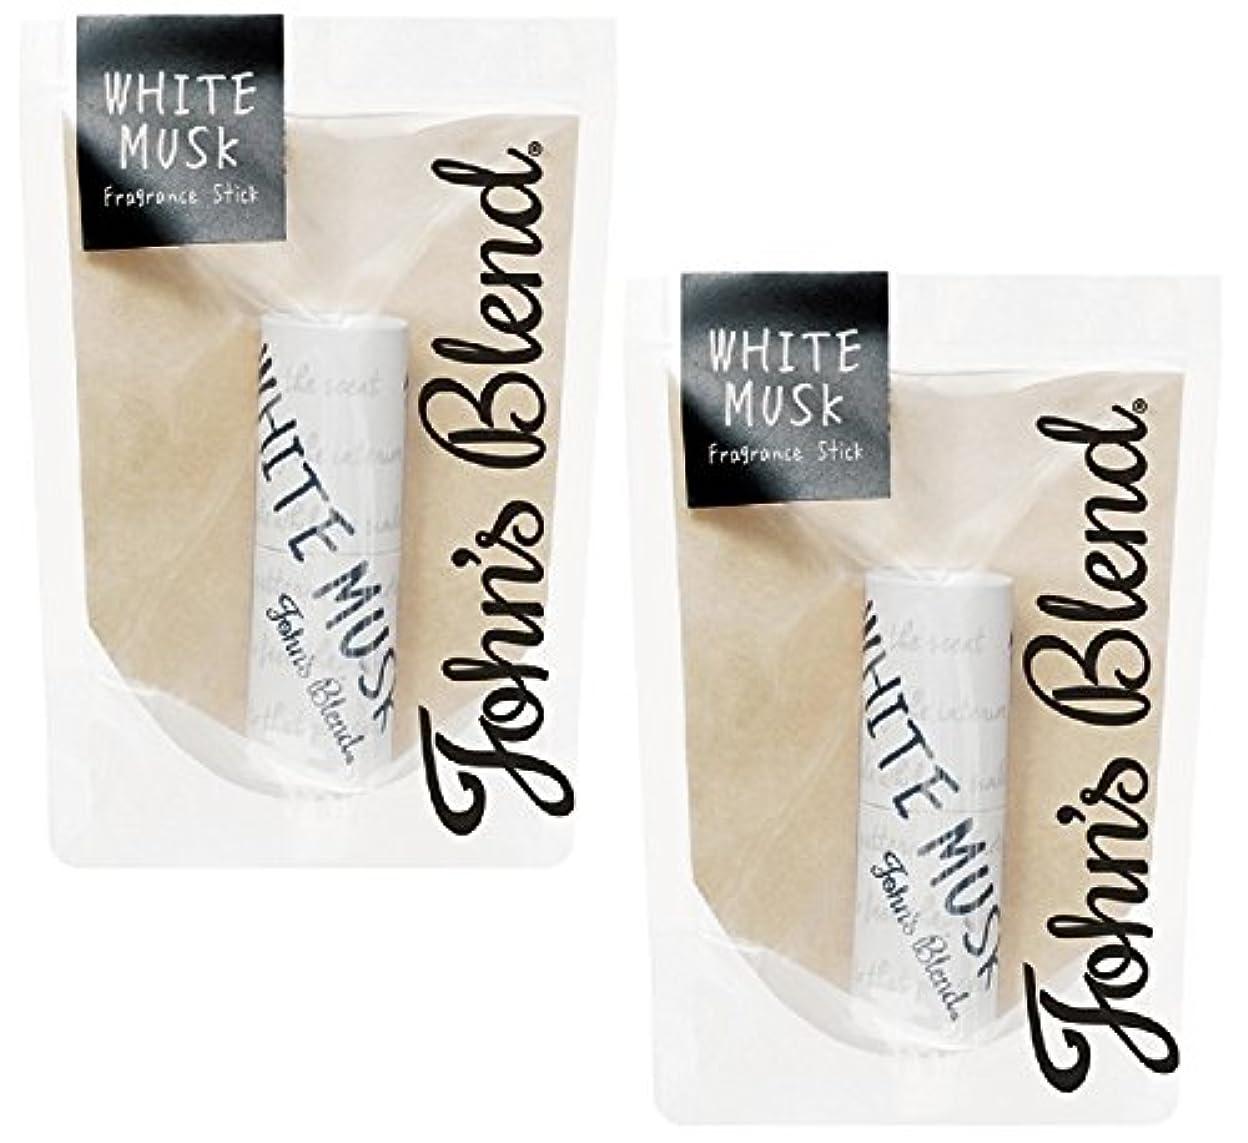 コンピューターまとめる浜辺【2個セット】Johns Blend 練り香水 フレグランス スティック ホワイトムスク の香り OZ-JOD-3-1